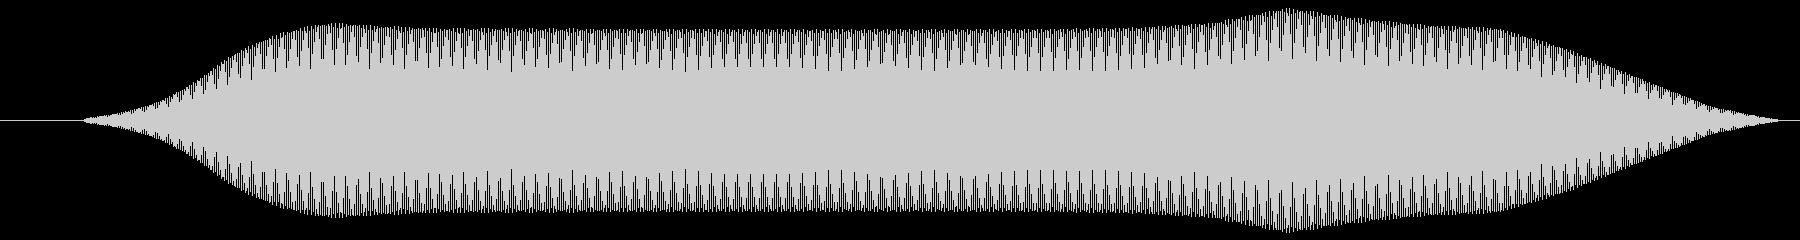 リモコン(スイッチボタン 電子音)ピッ①の未再生の波形